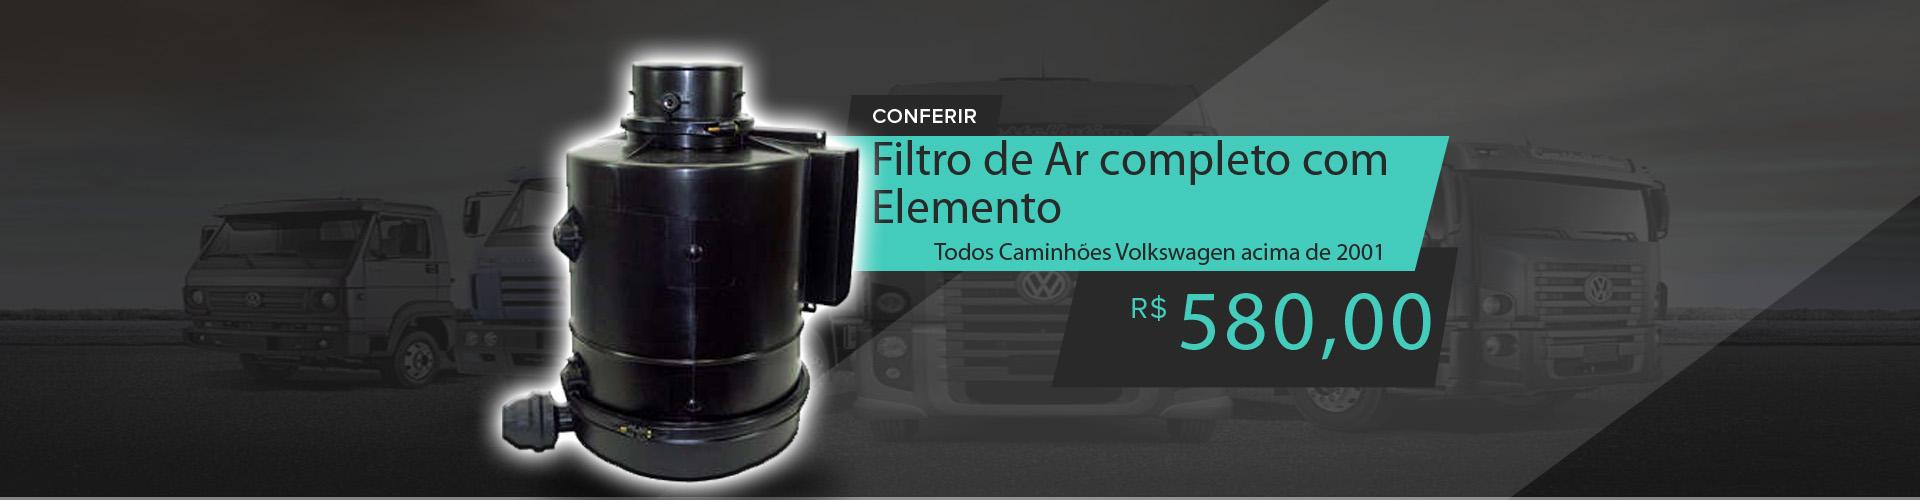 Filtro Ar Completo Com Elemento(Plástico) Volkswagen Todos Caminhões após 2000 - 2RK129607